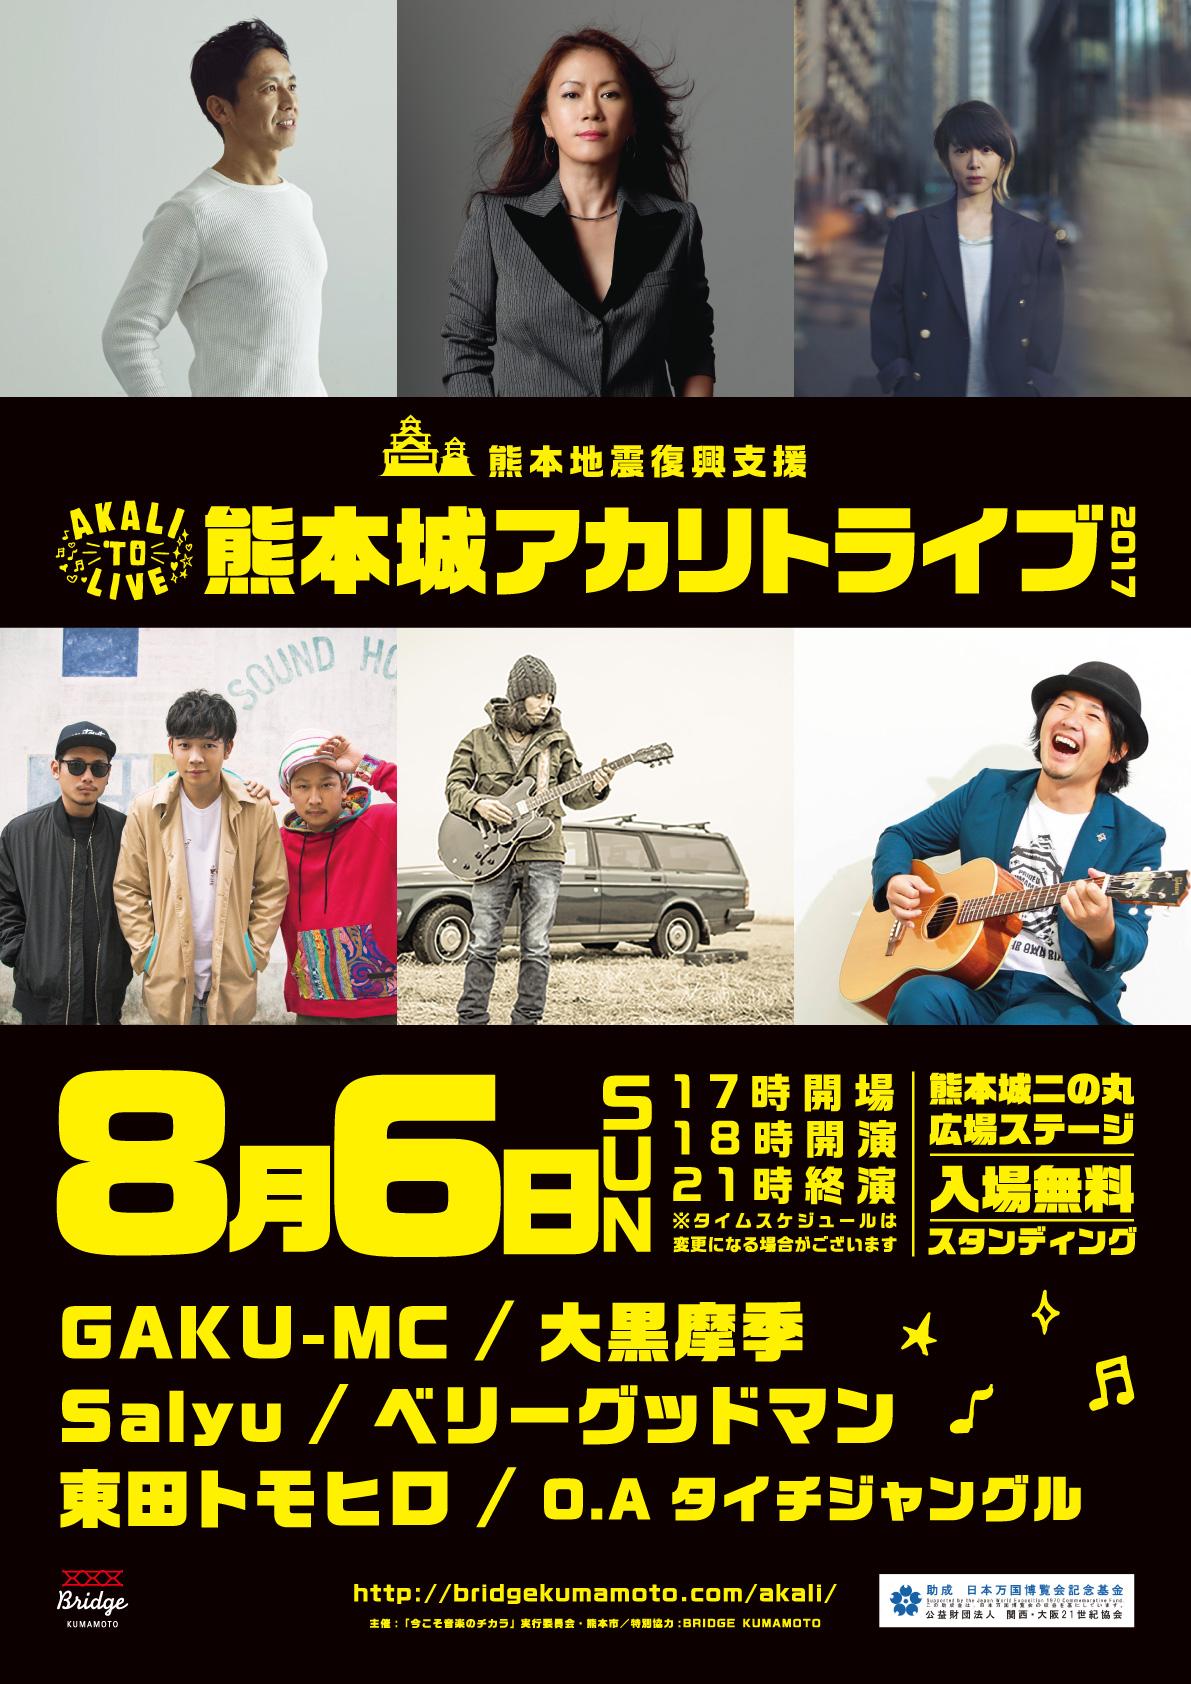 熊本城アカリトライブ2017